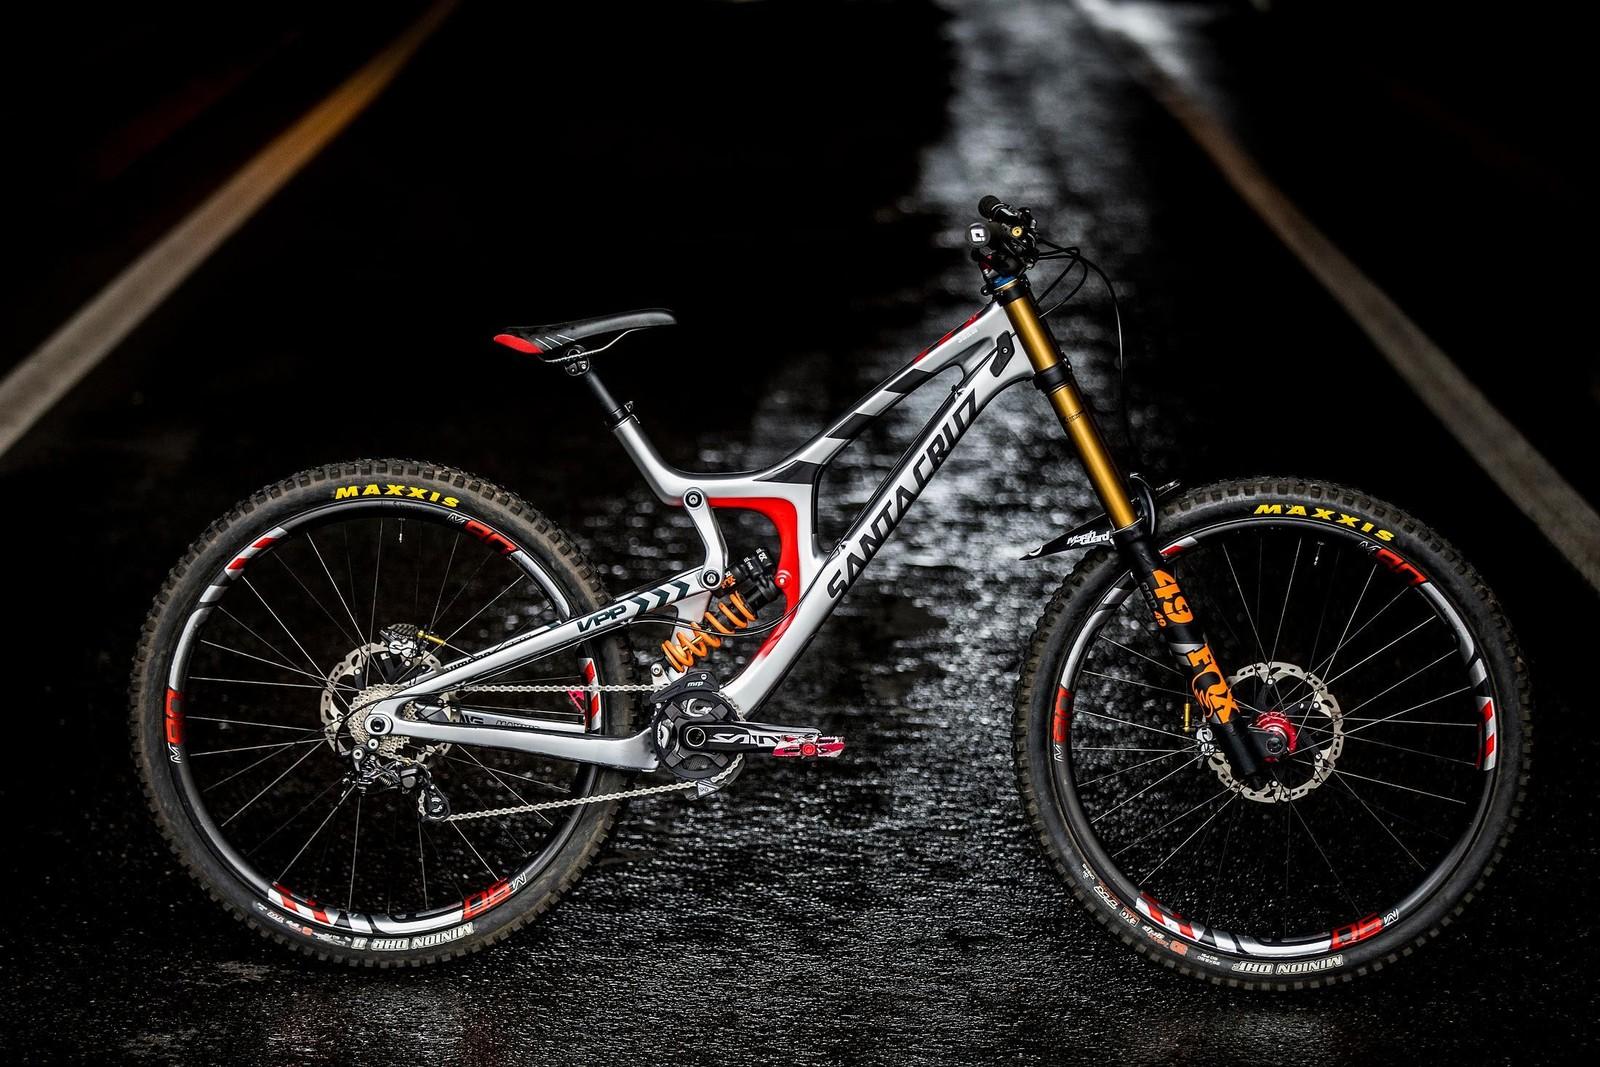 Luca Shaw's V10 29er